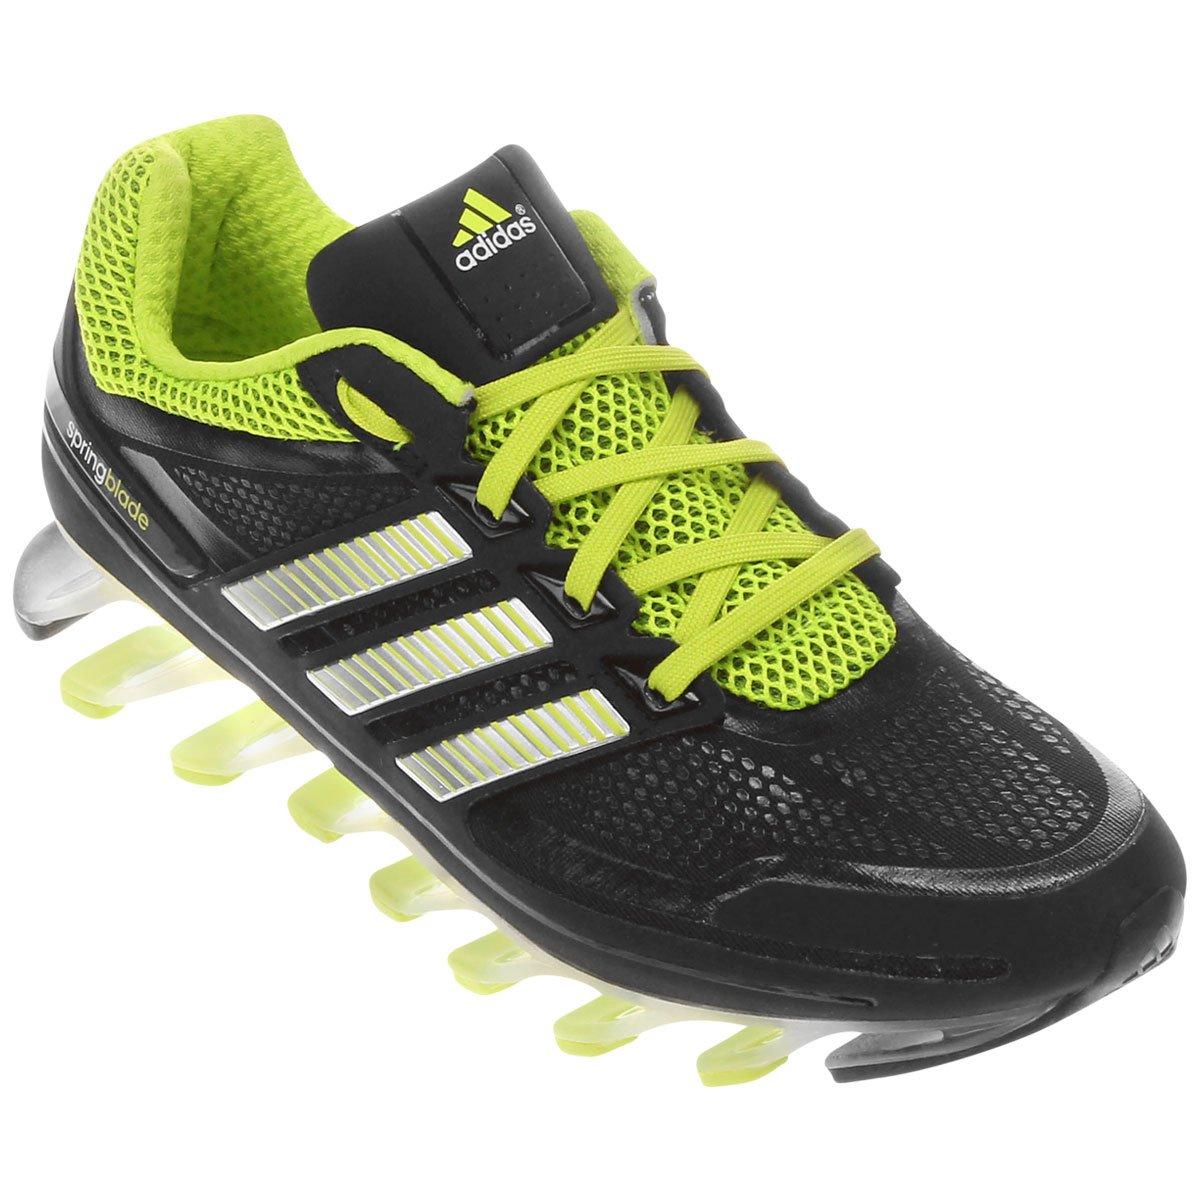 3ae9ee8ef71 ... top quality tênis adidas springblade juvenil compre agora netshoes  0d17a cf5b3